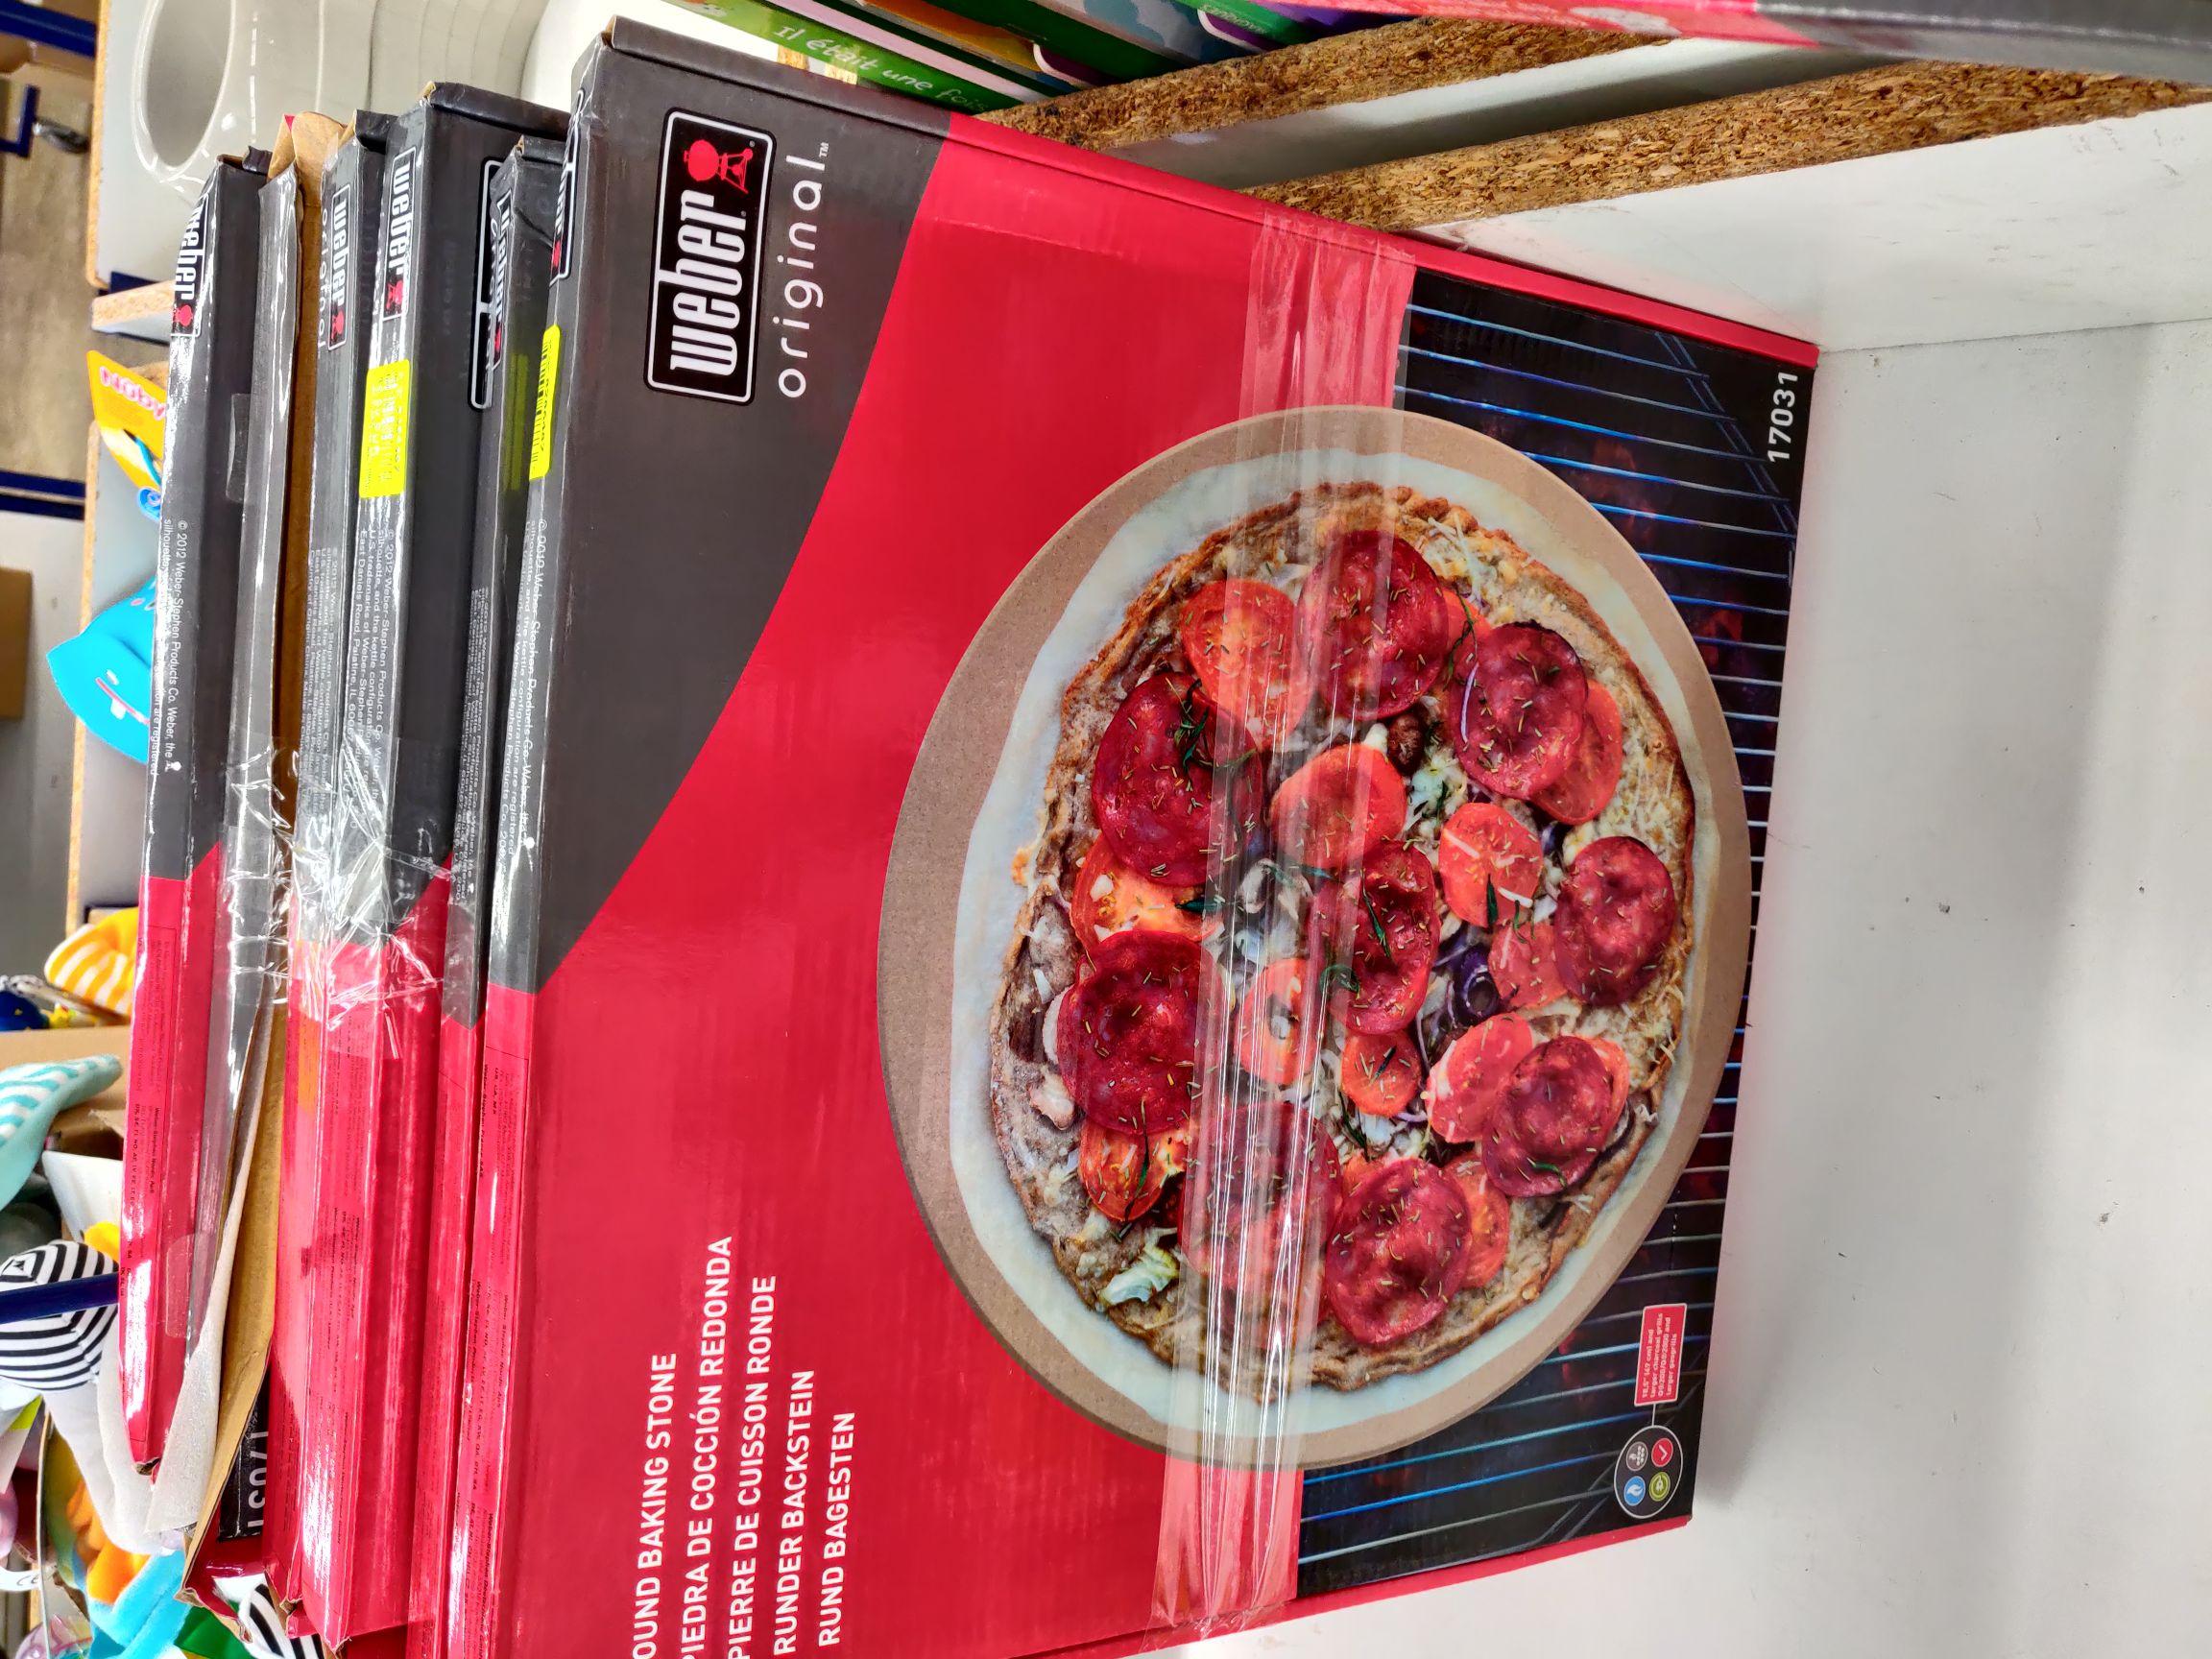 Pierre de cuisson ronde pour pizza Weber Original (47 cm) - Villeneuve-sur-Lot (47), Chavelot (88)